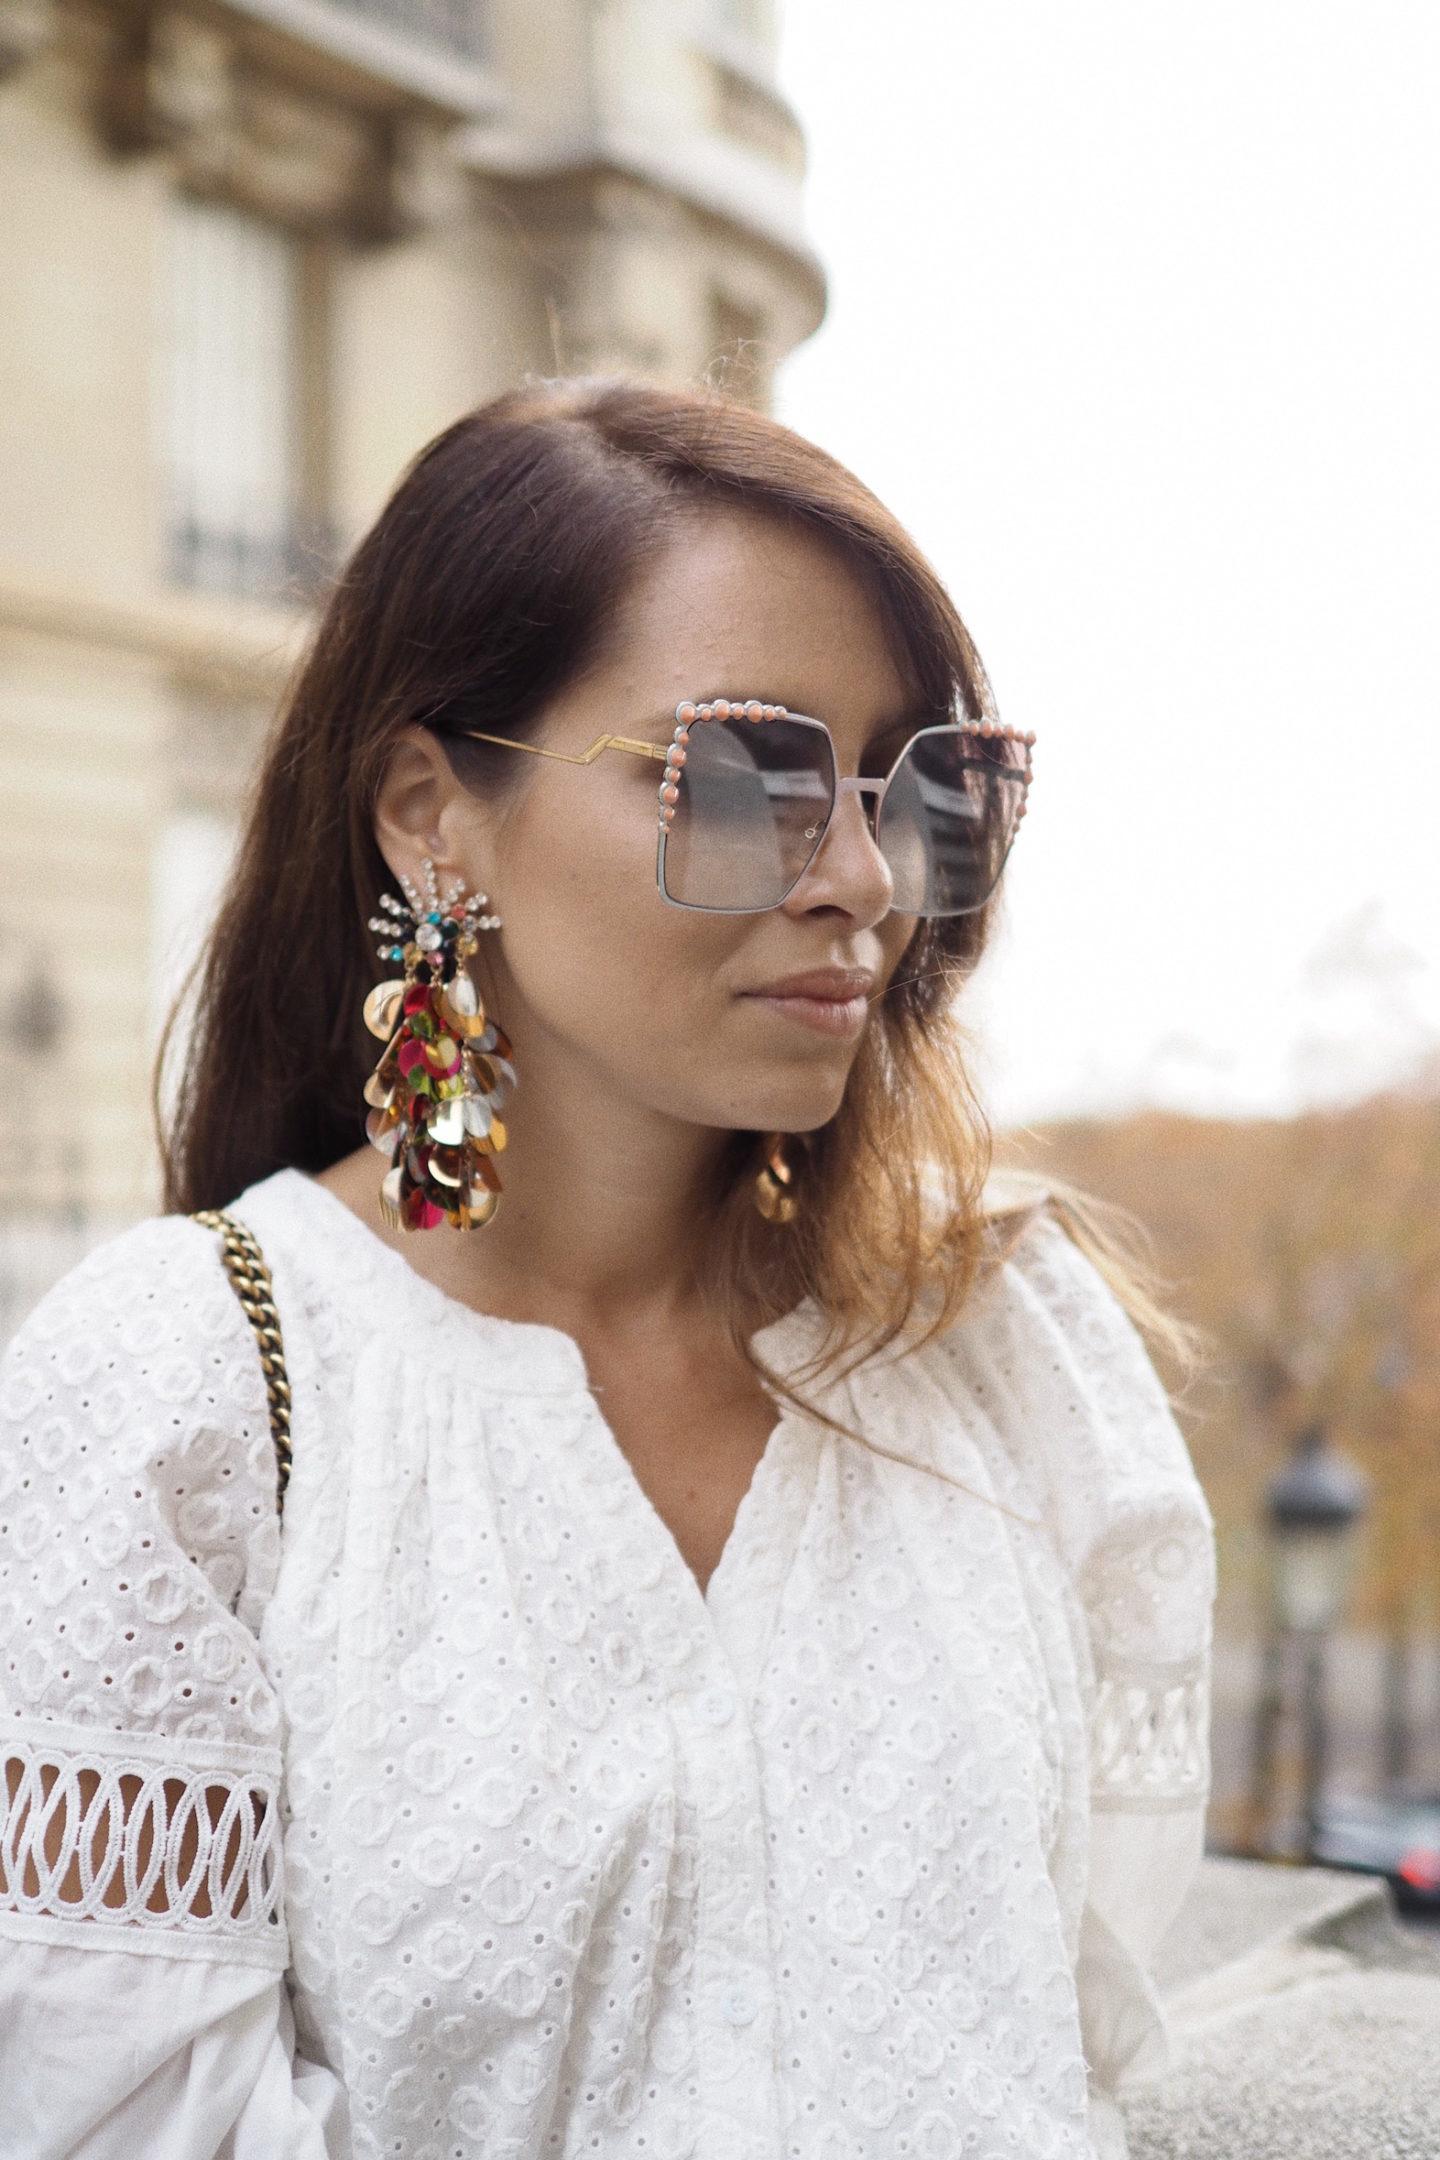 fendi-sunglasses-safilo